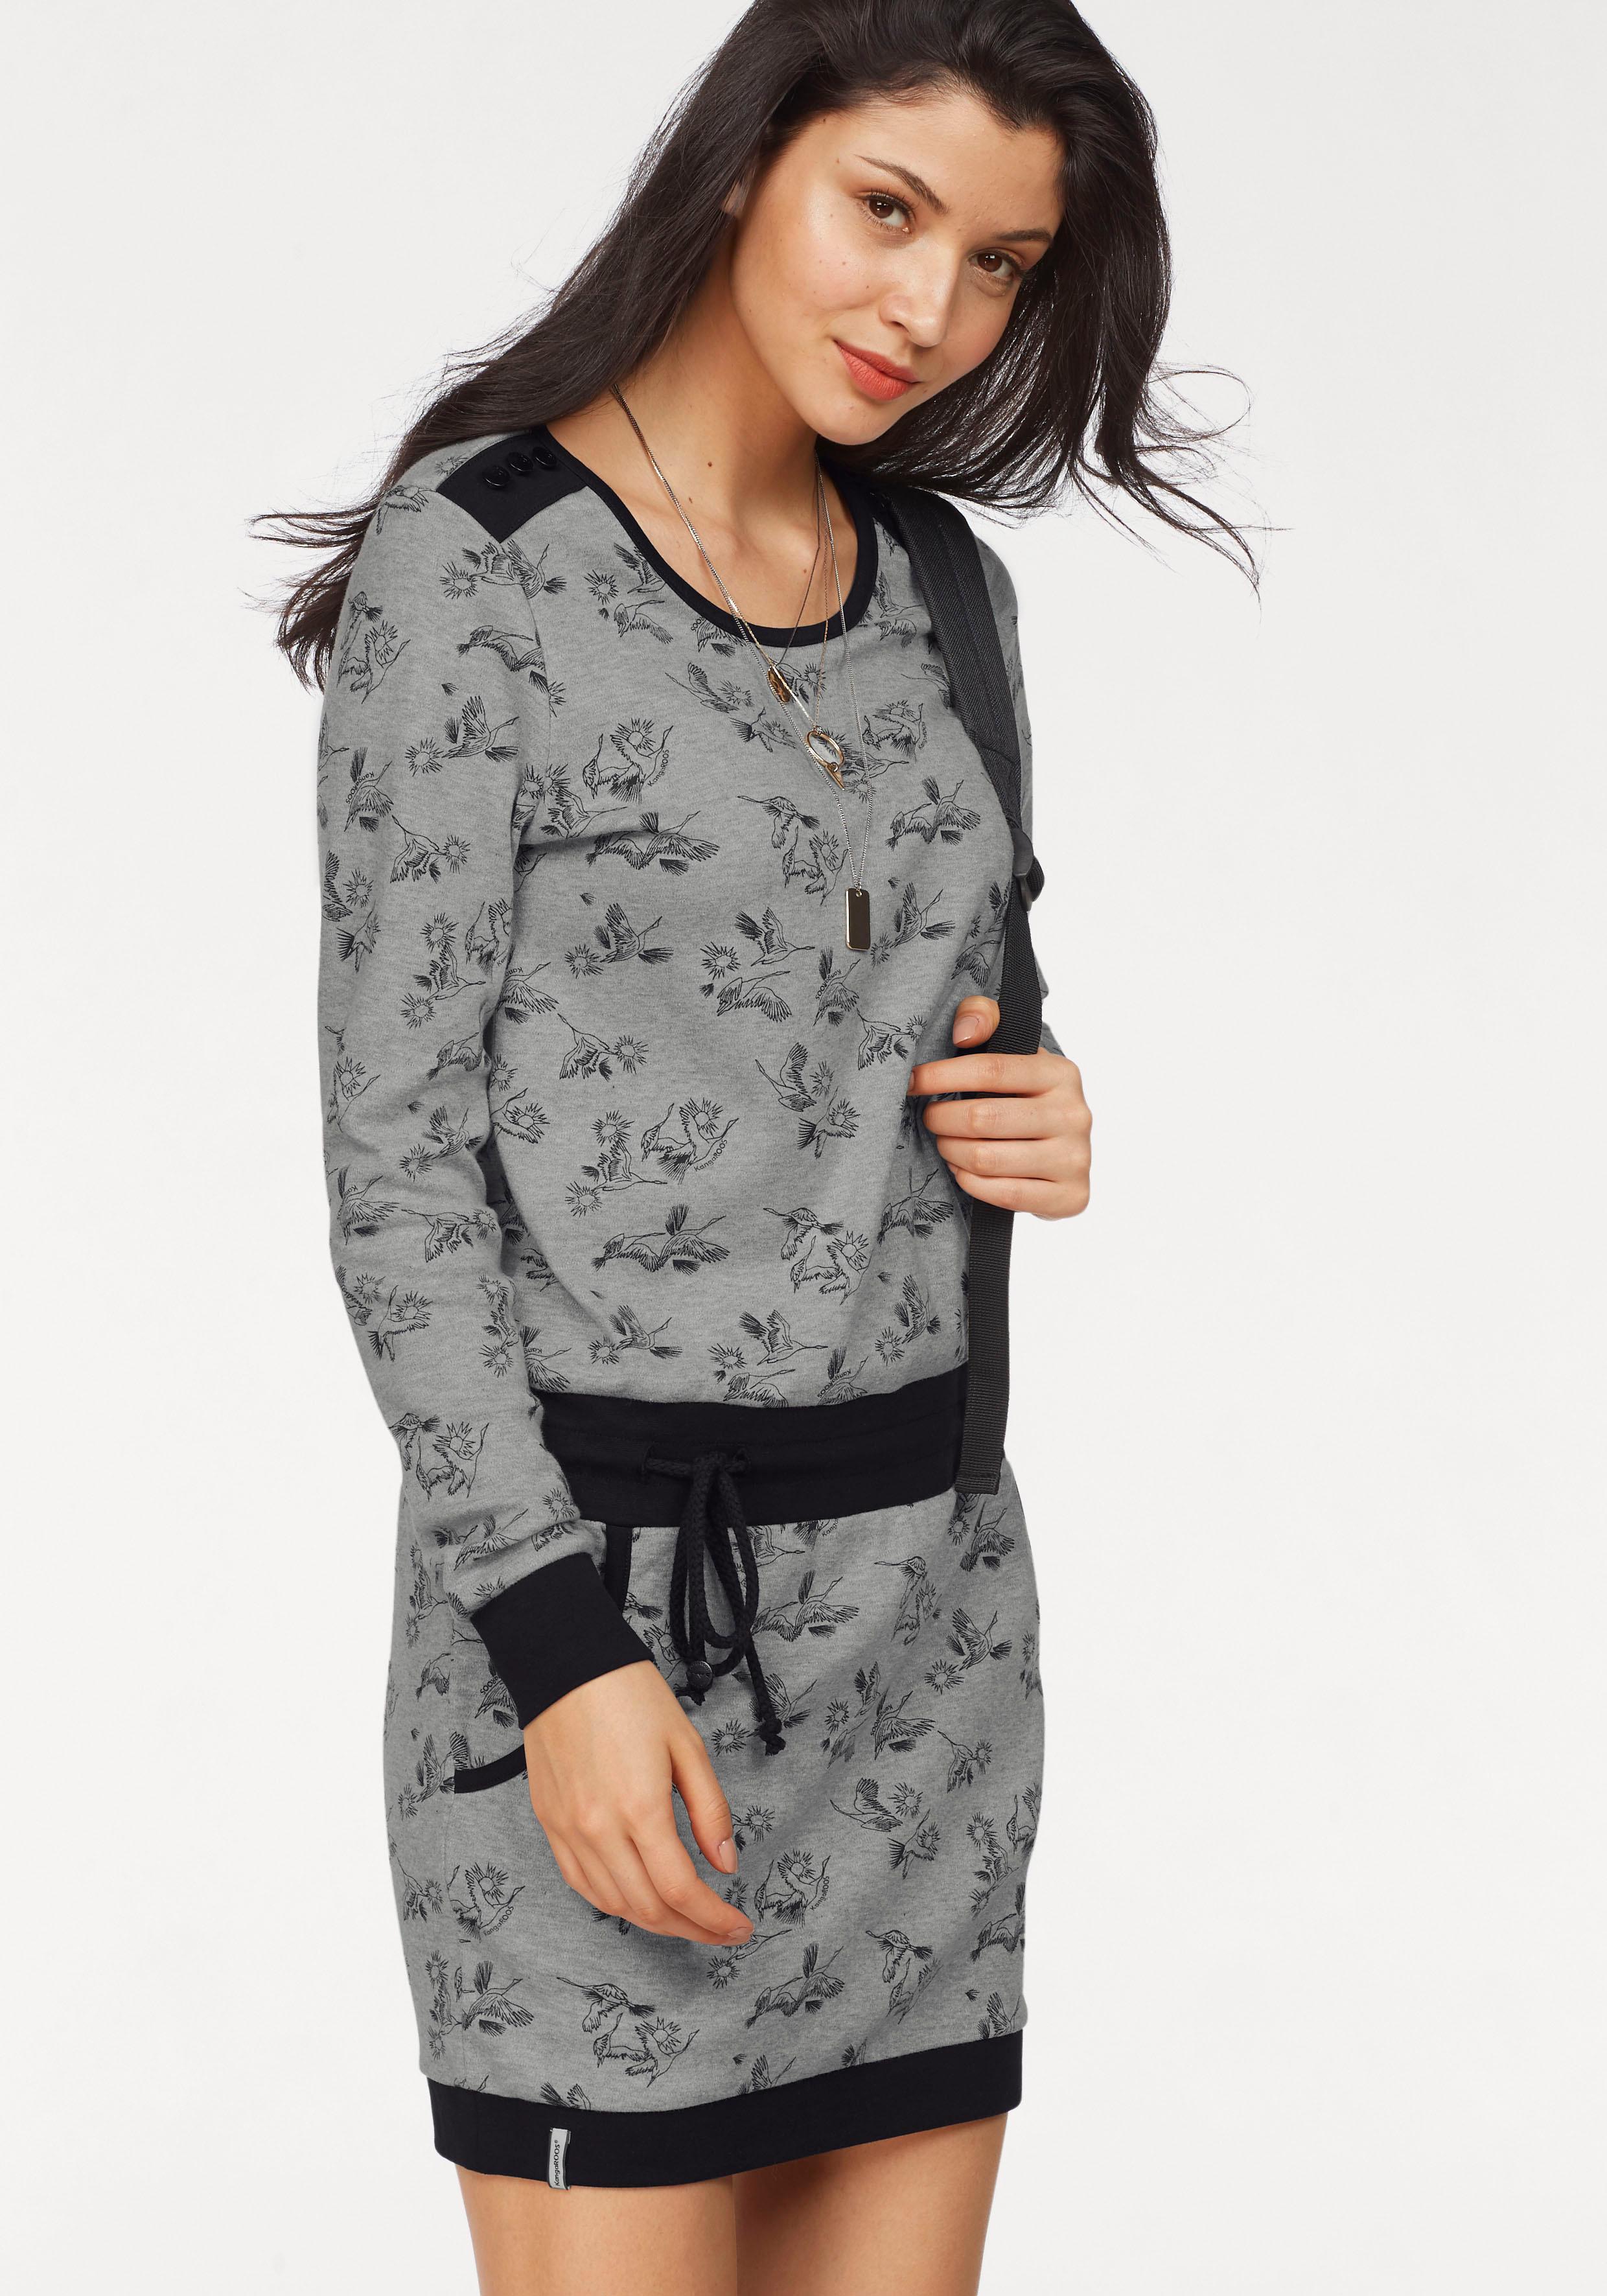 KangaROOS Shirtkleid Damenmode/Bekleidung/Kleider/Shirtkleider